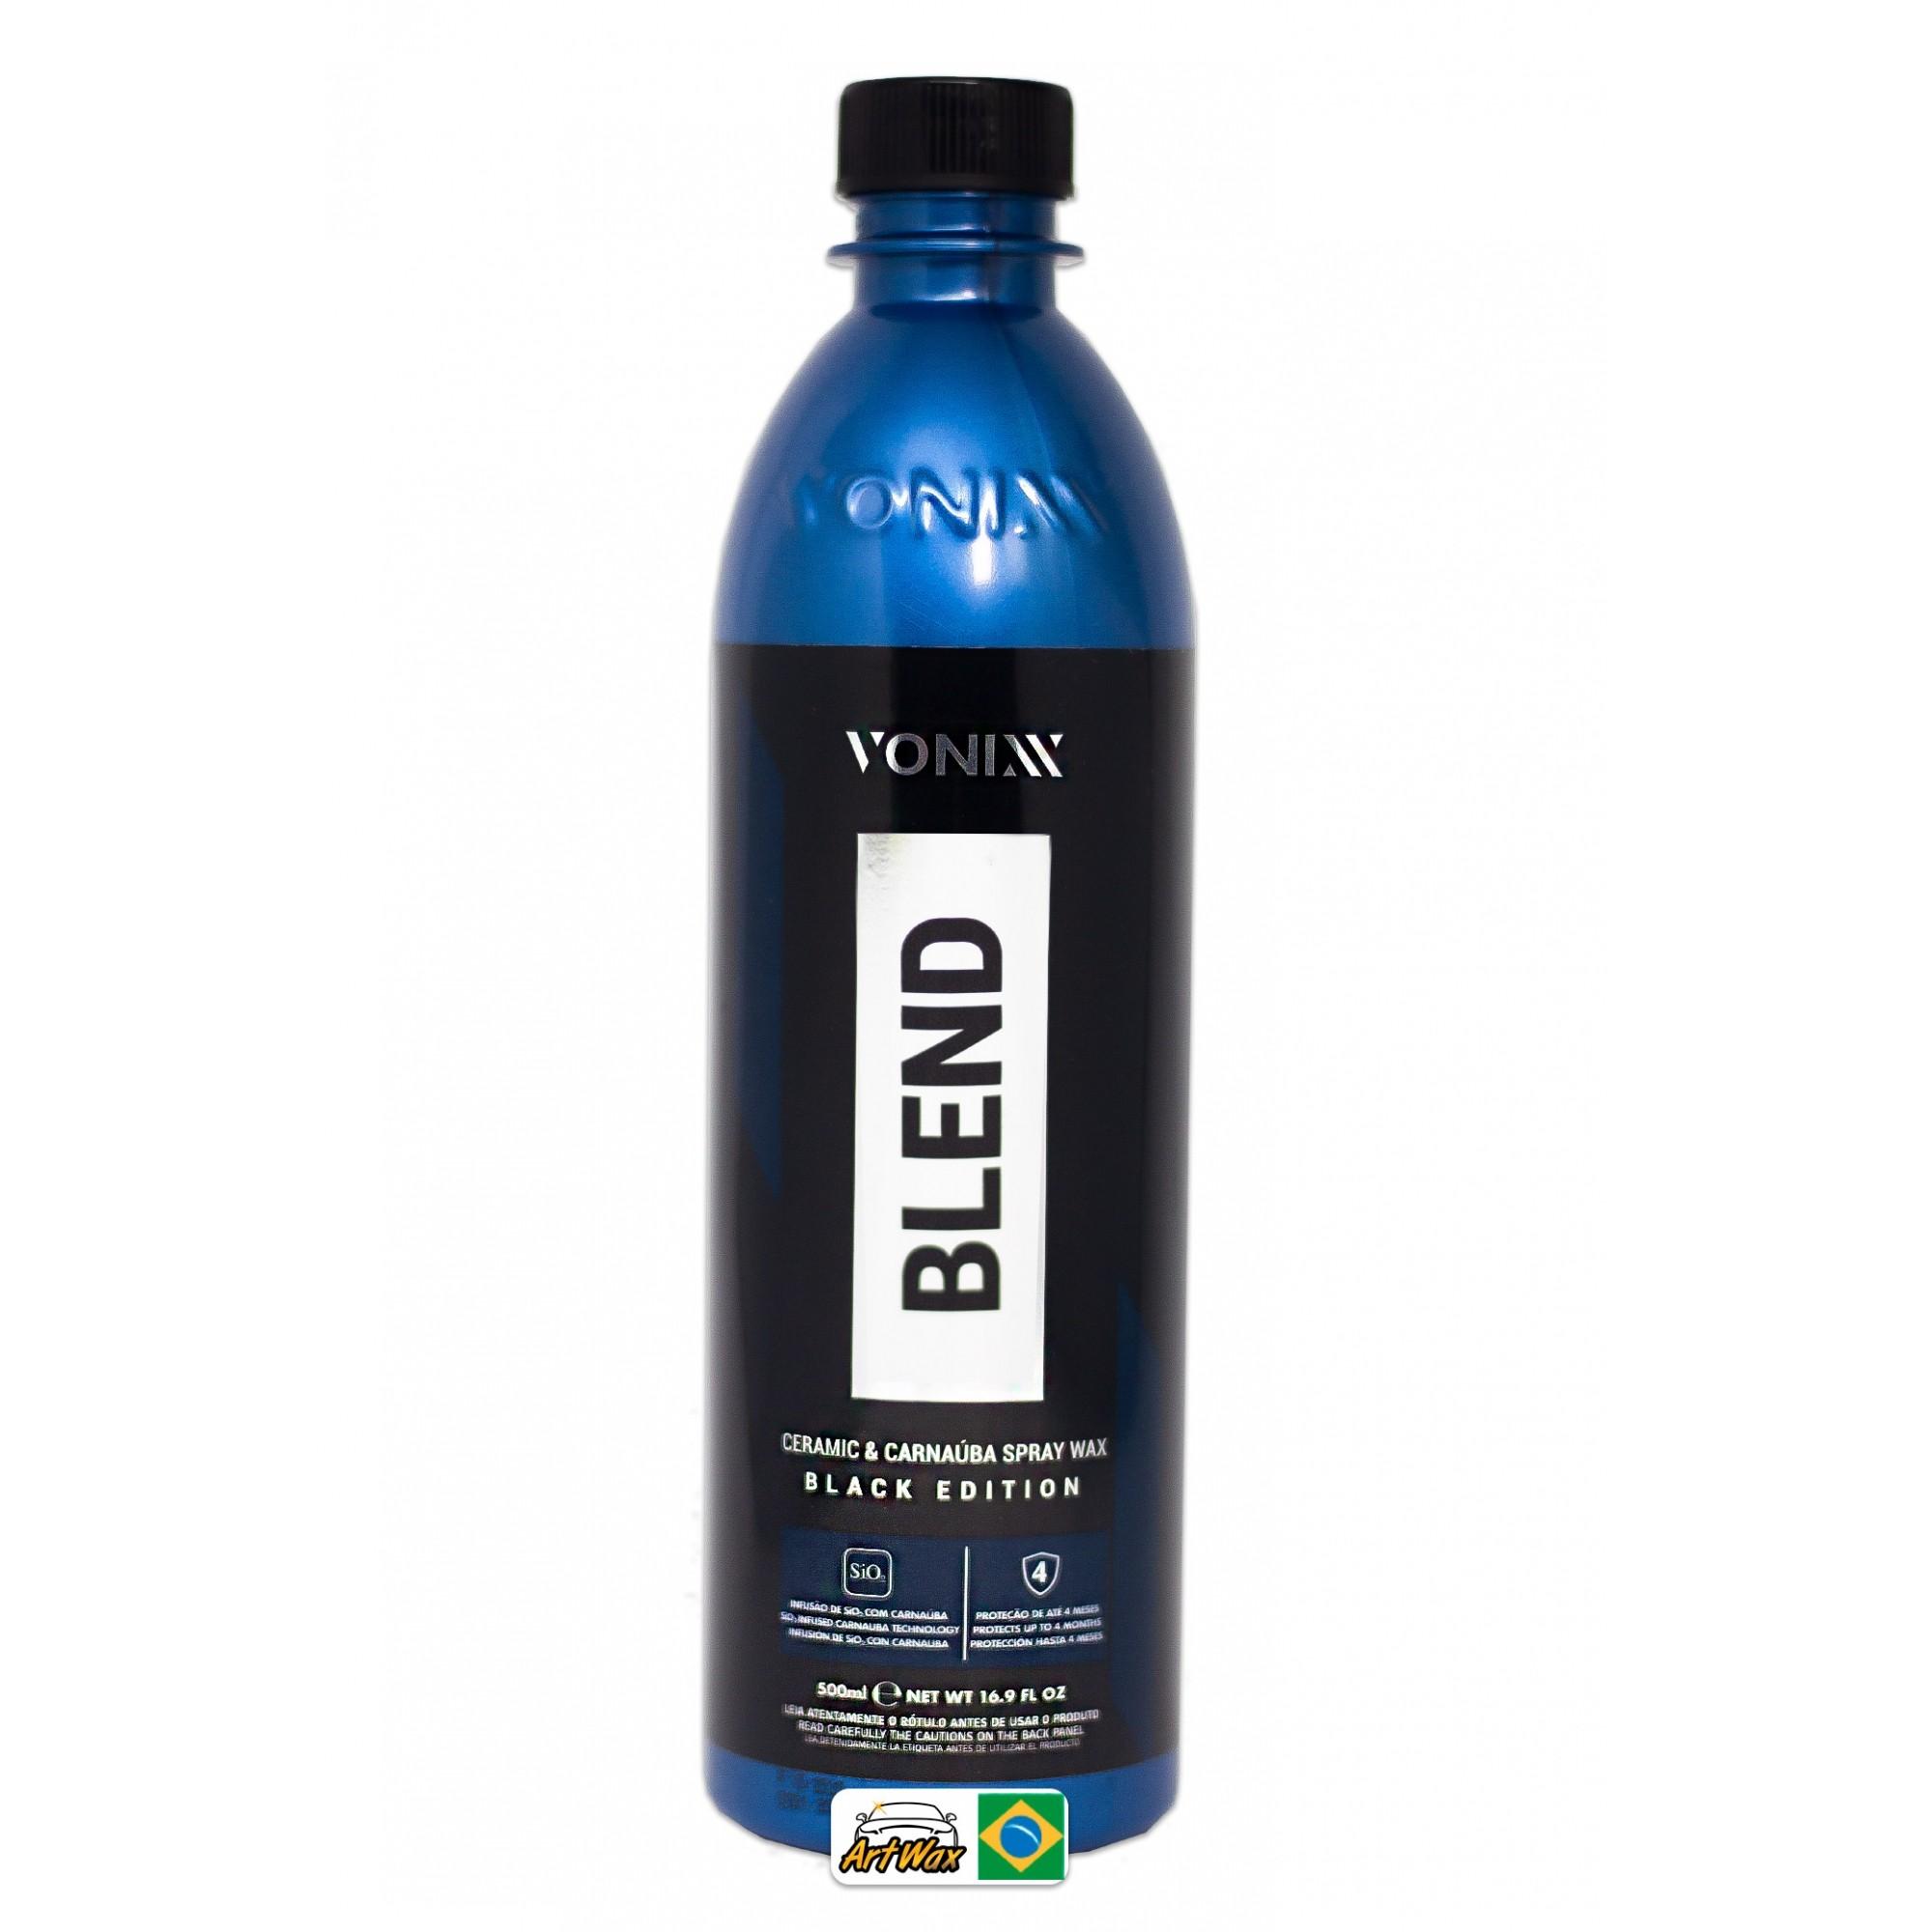 Vonixx Blend Spray Black Edition 500ml - Cera Spray Com Sio2